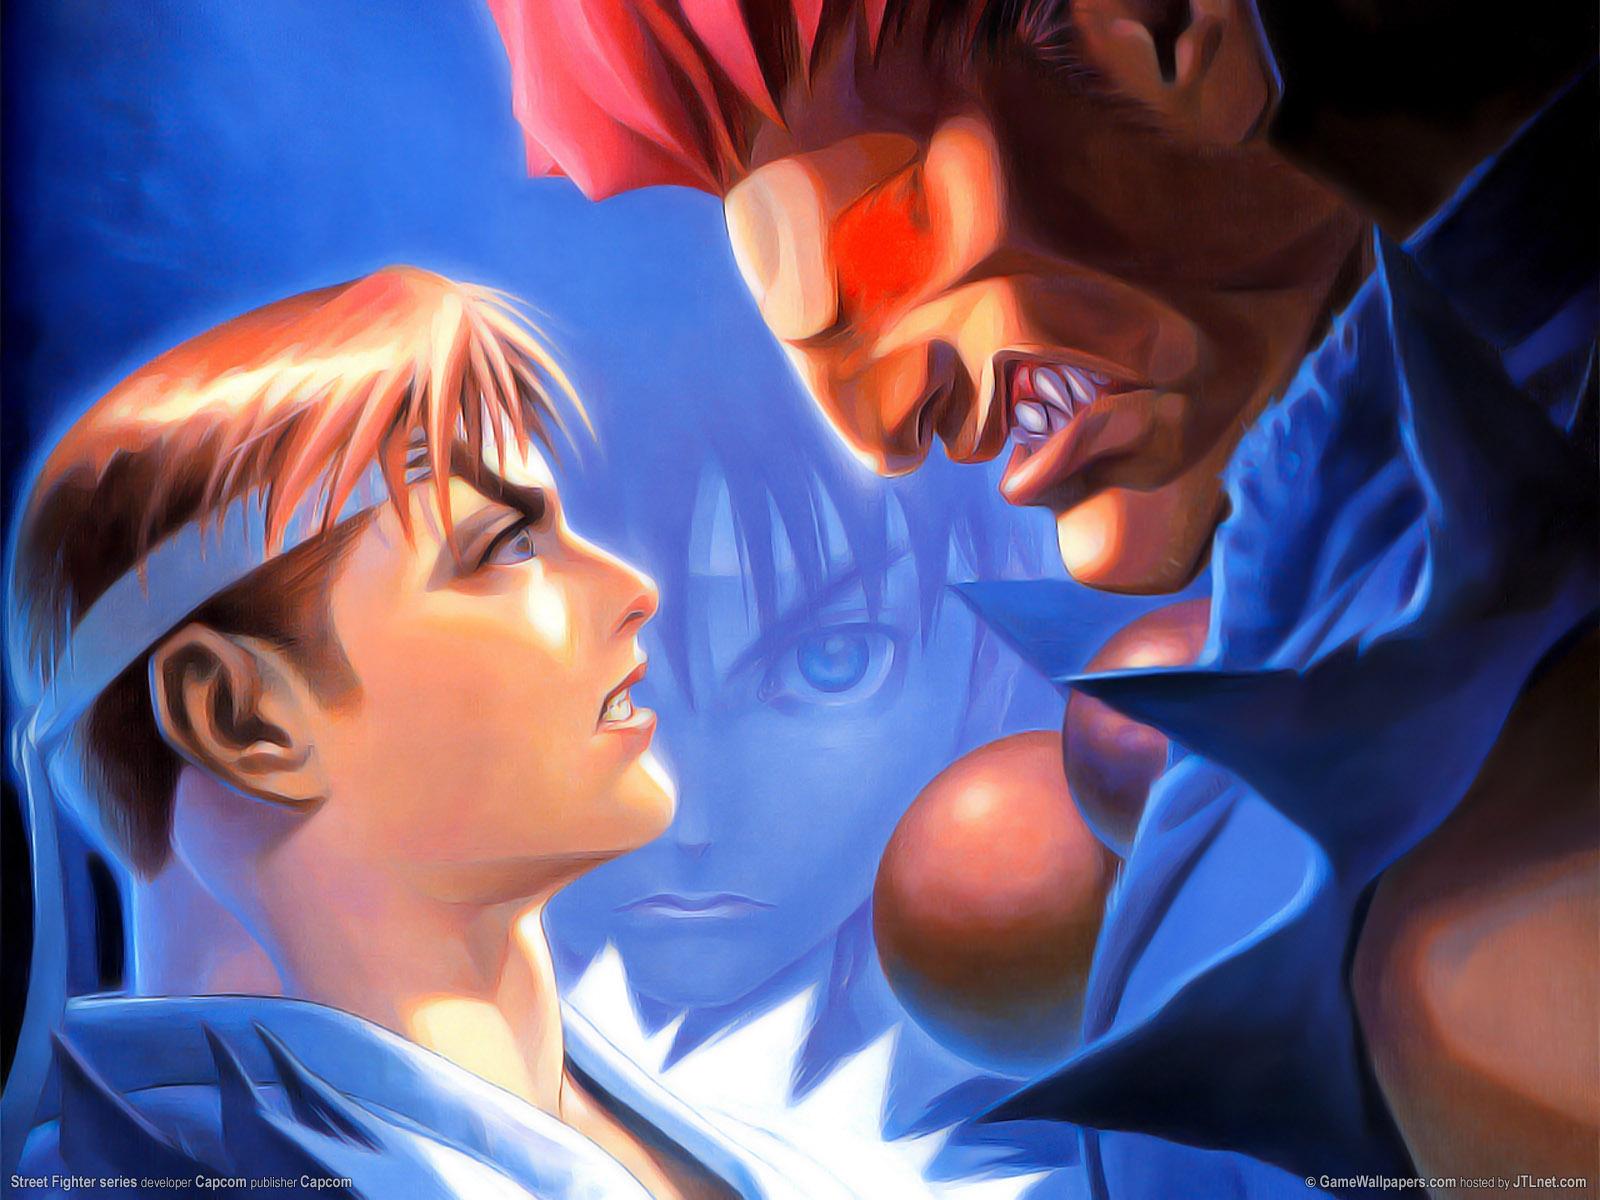 http://2.bp.blogspot.com/-KTsvTyXfpts/Tx_LyUjTM0I/AAAAAAAAAs8/sDo4eARZZwU/s1600/street_fighter_series_02_1600x1200.jpg